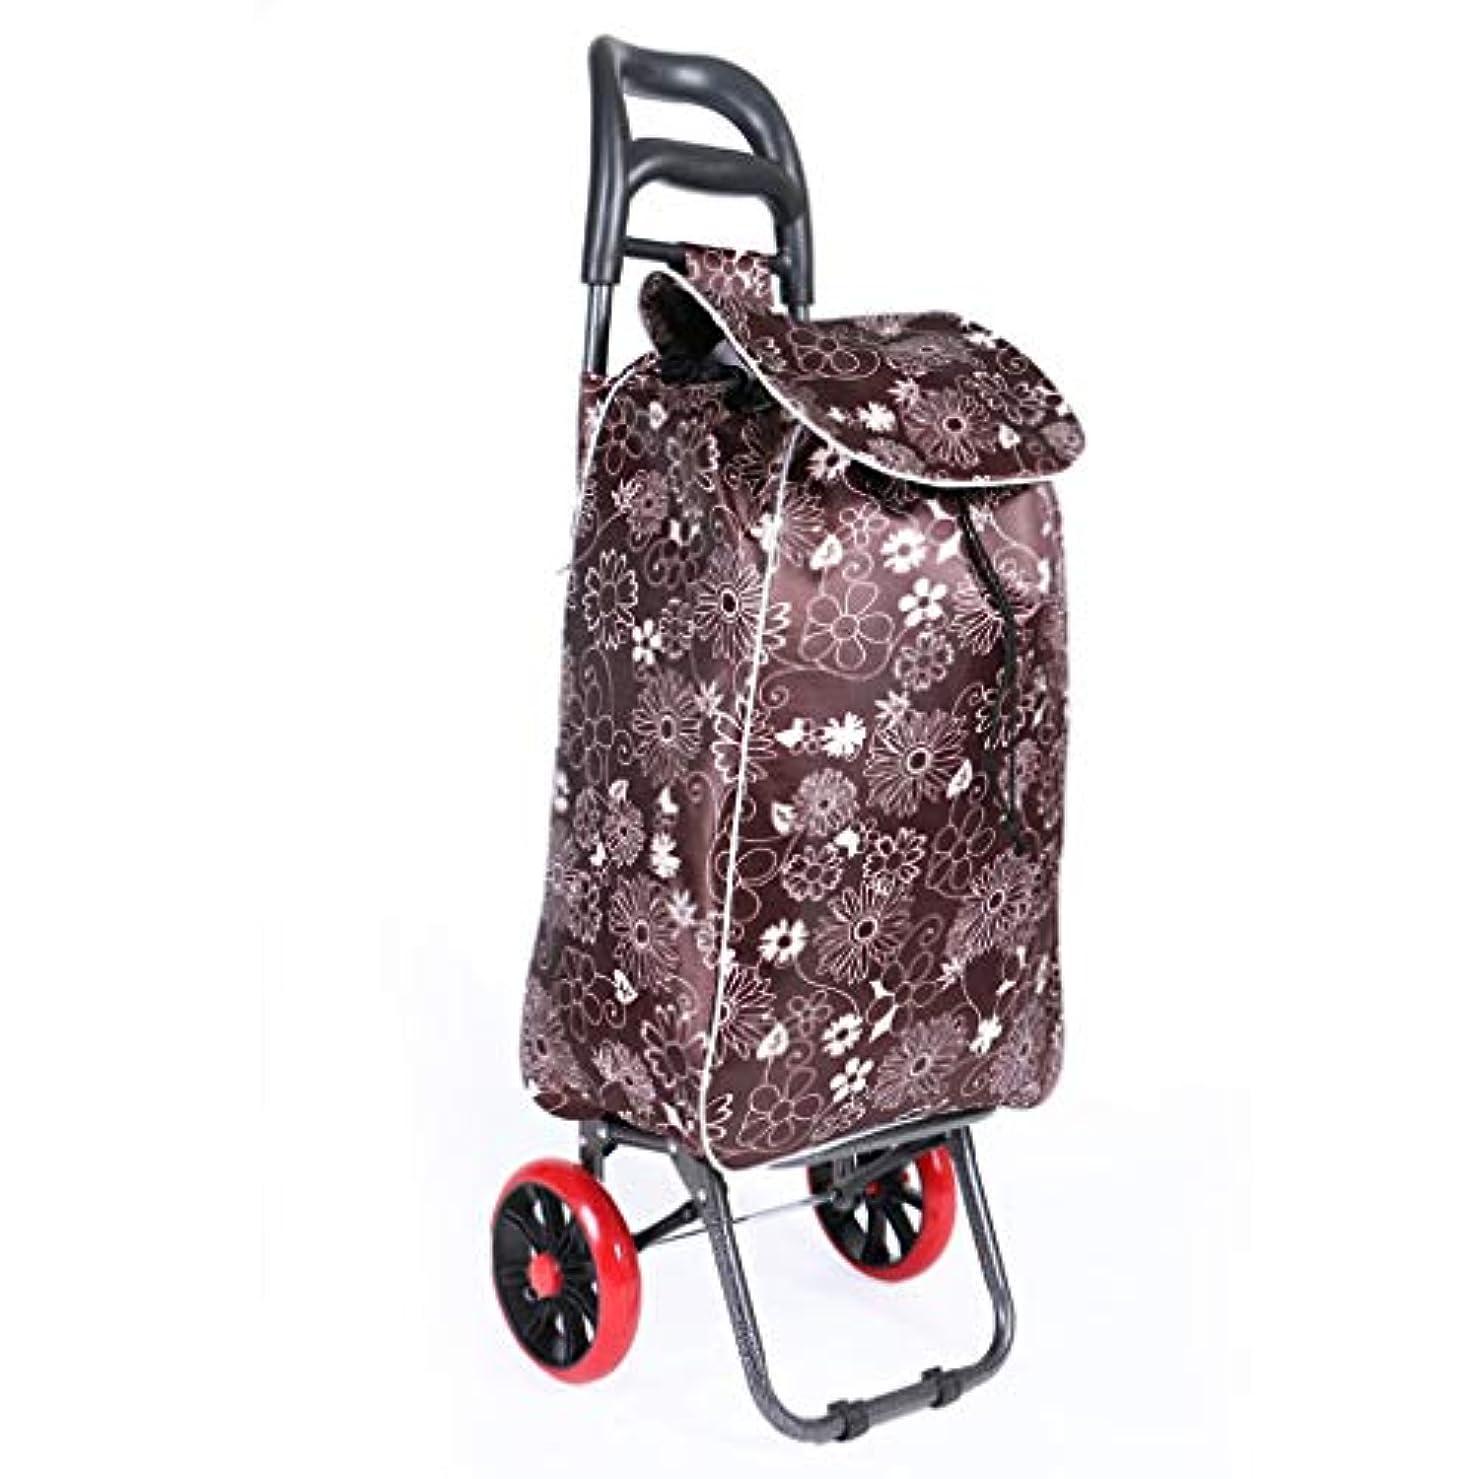 ブレーキ良性ラフJTWJ 軽い車輪付きのショッピングカート、ハードローラープッシュカート、折りたたみ可能な大容量のショッピングカート